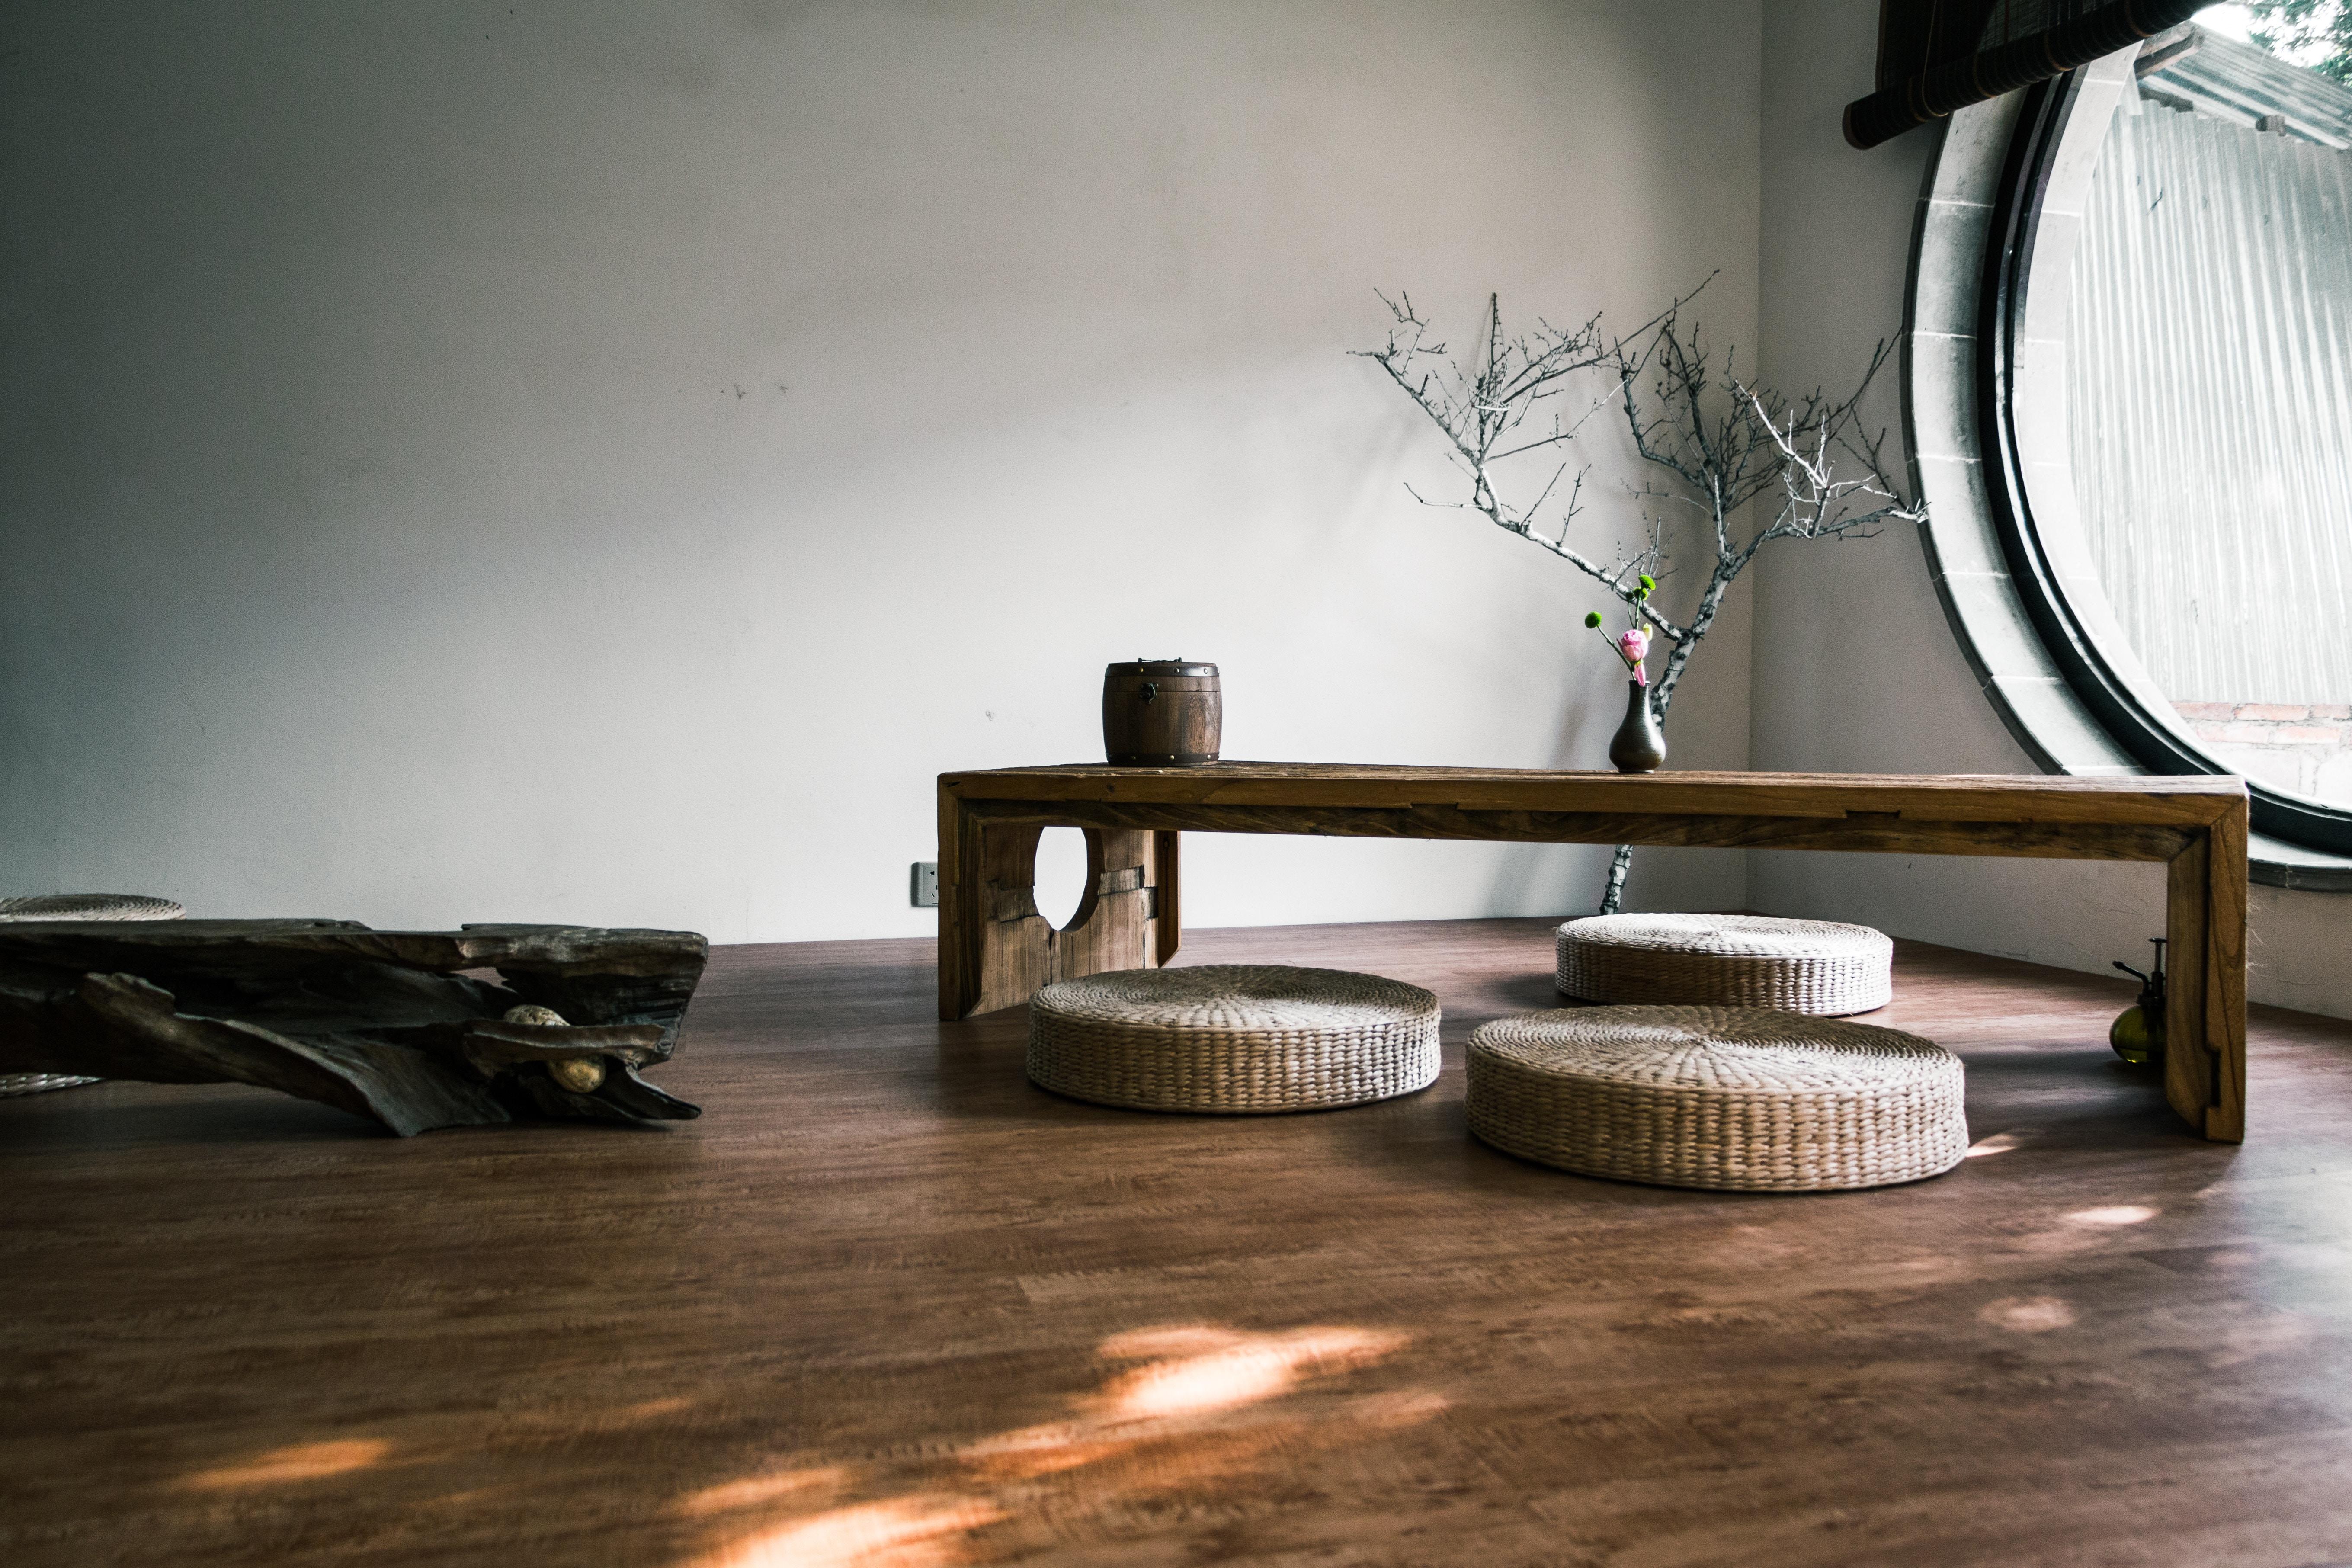 peintures naturelles cologiques min rales et badigeon de chaux peinture cologique. Black Bedroom Furniture Sets. Home Design Ideas